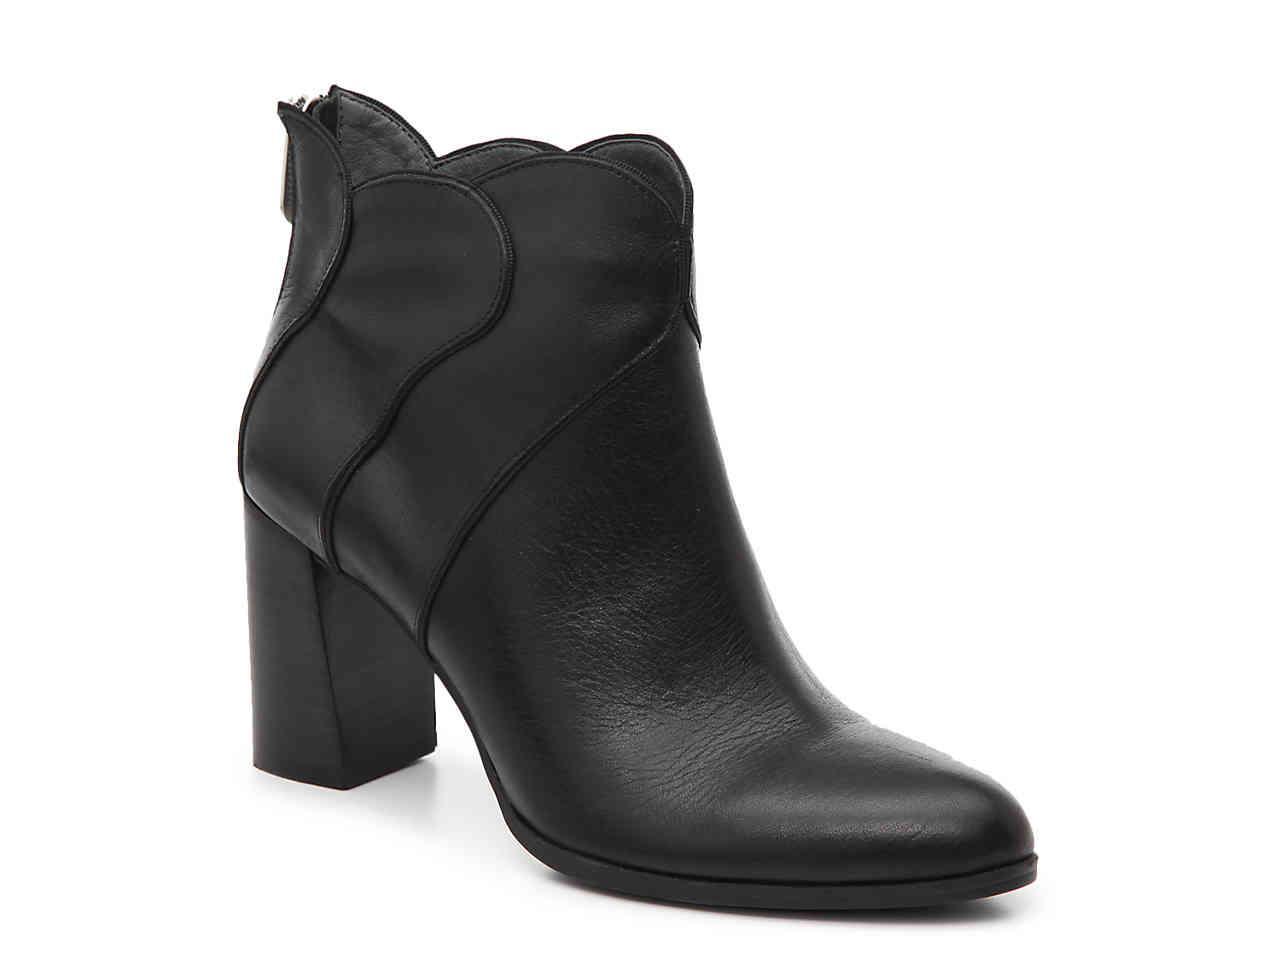 022e9a7f46b Women's Black Tabby Bootie